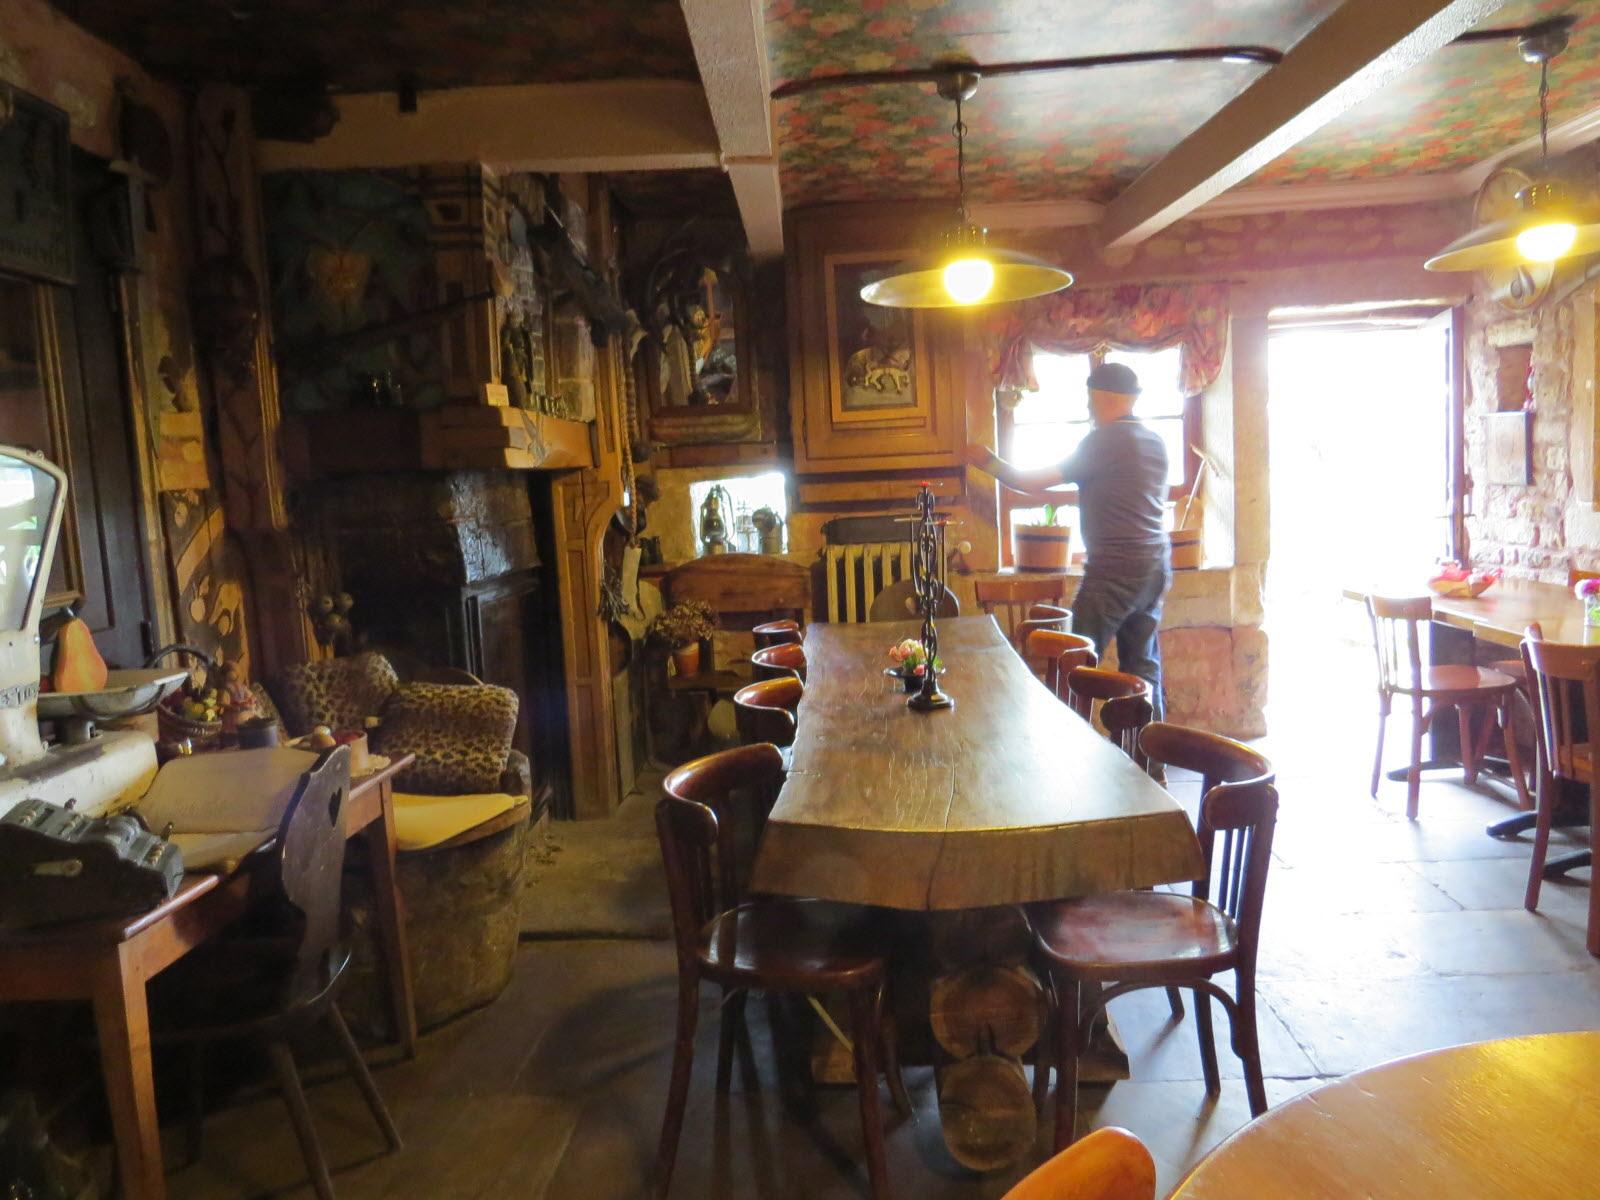 la-ferme-saint-vallier-du-girmont-val-d-ajol-en-images-1470862123_1